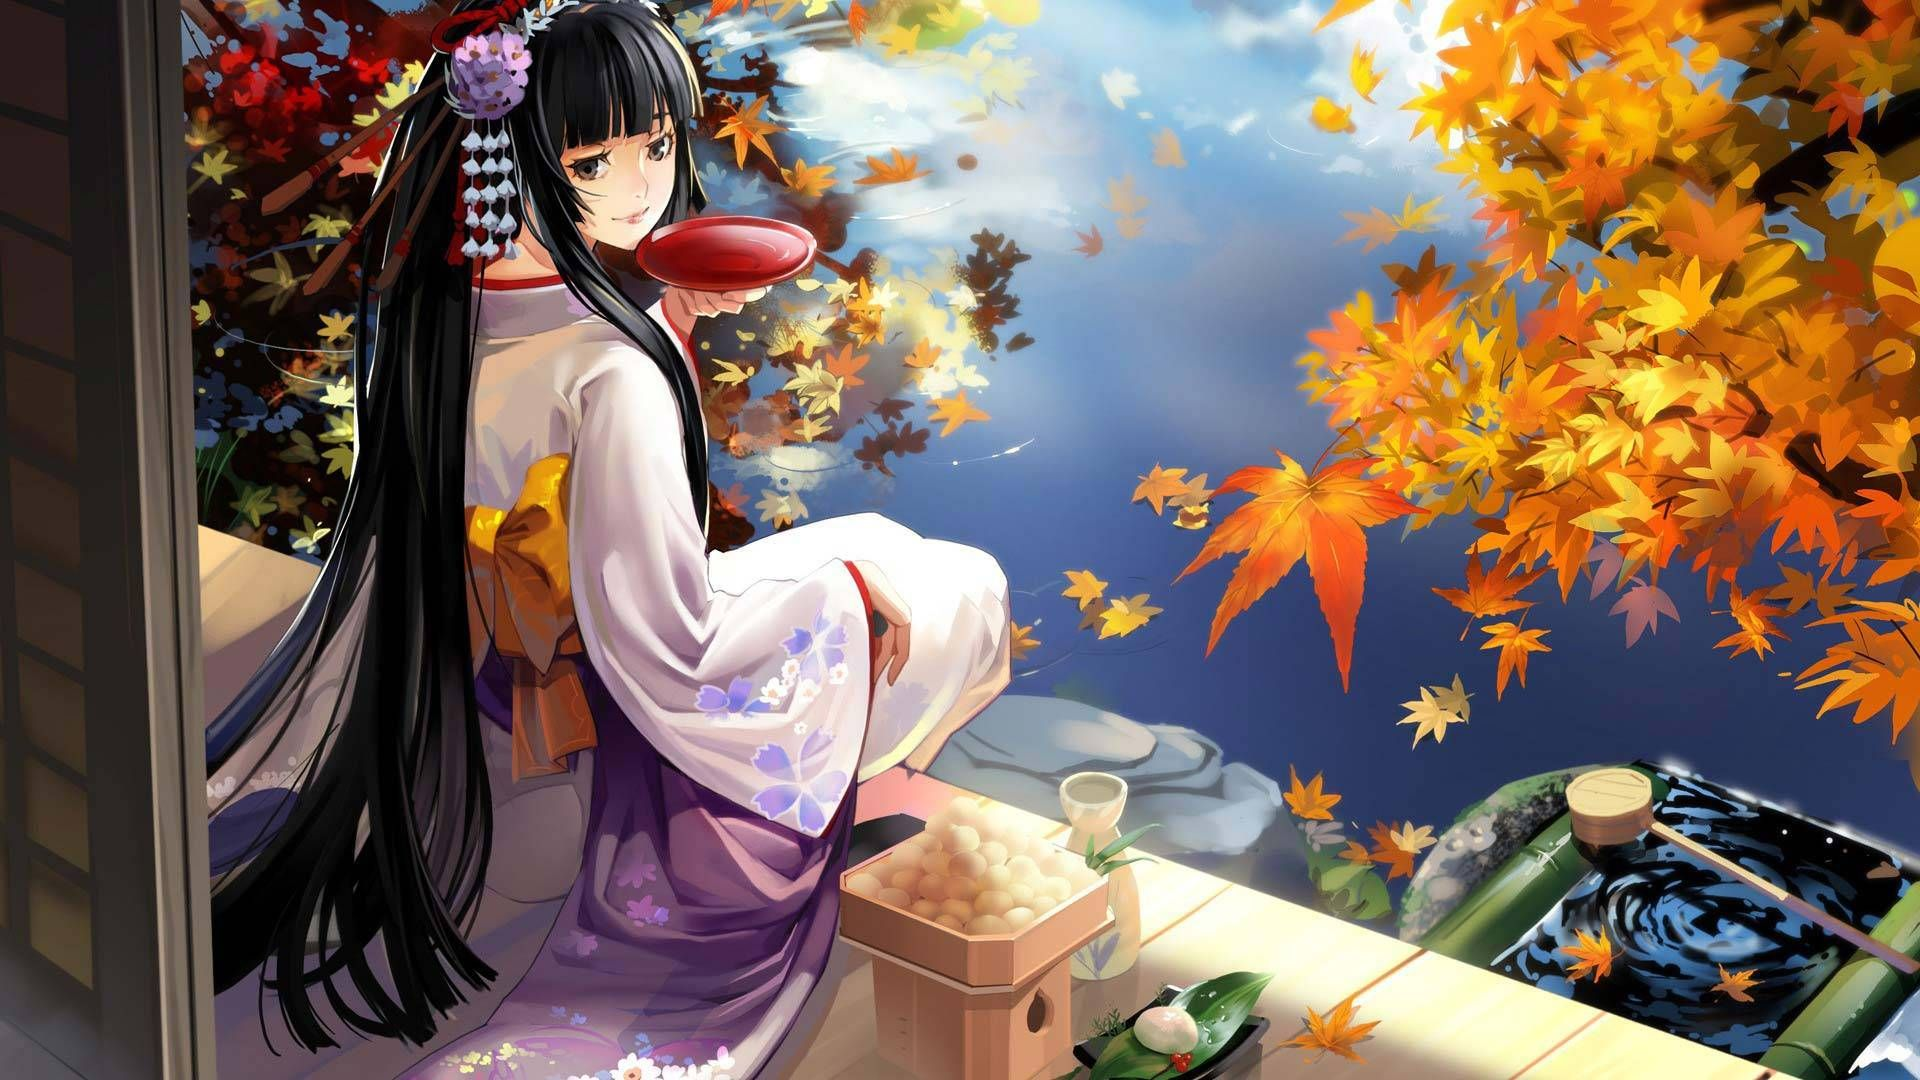 Anime Girl With Kimono Dress Hd Wallpaper Collection